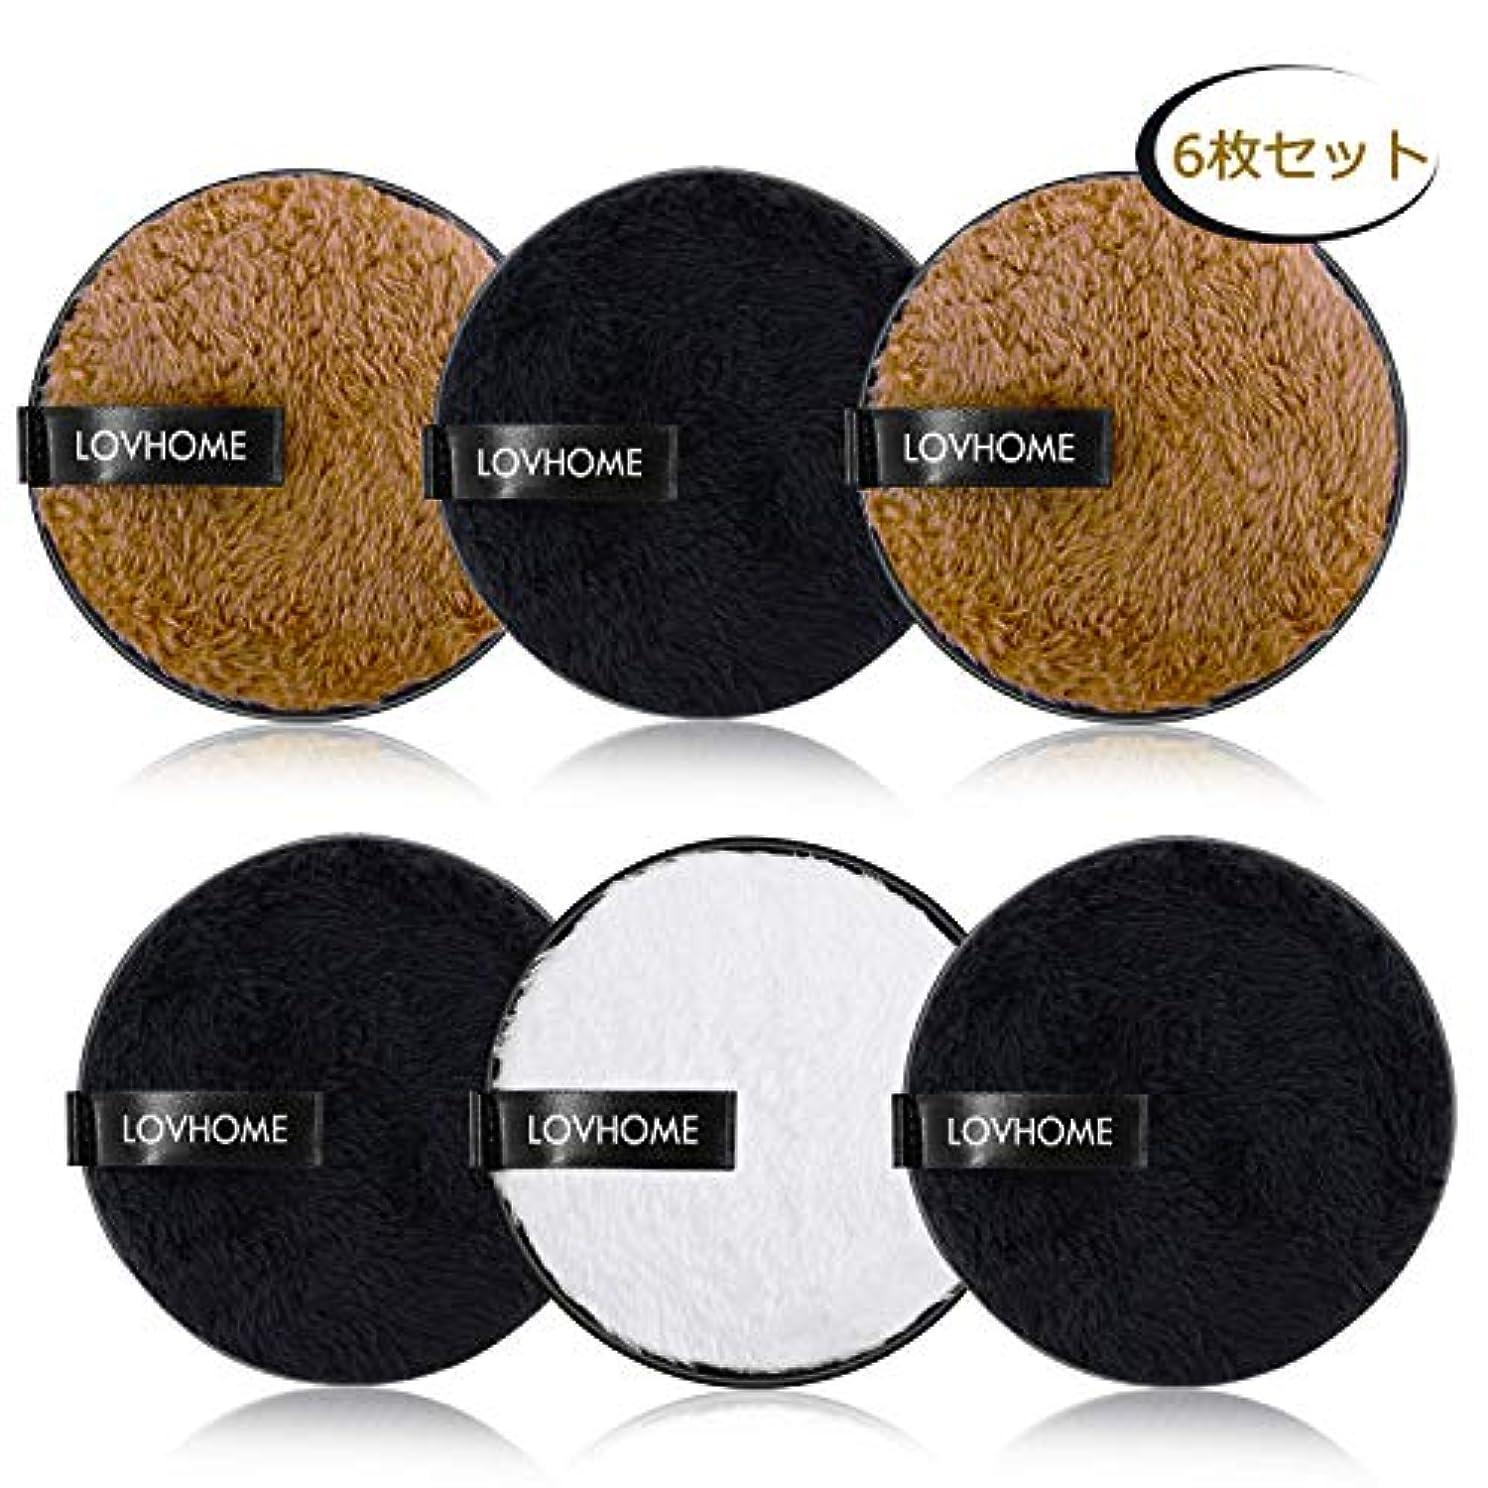 含める二年生面倒DUOUPA クレンジングパッド 化粧落としパッド メイク落とし 6枚セット 洗い簡単 再利用でき 6枚パッド=約600枚シート